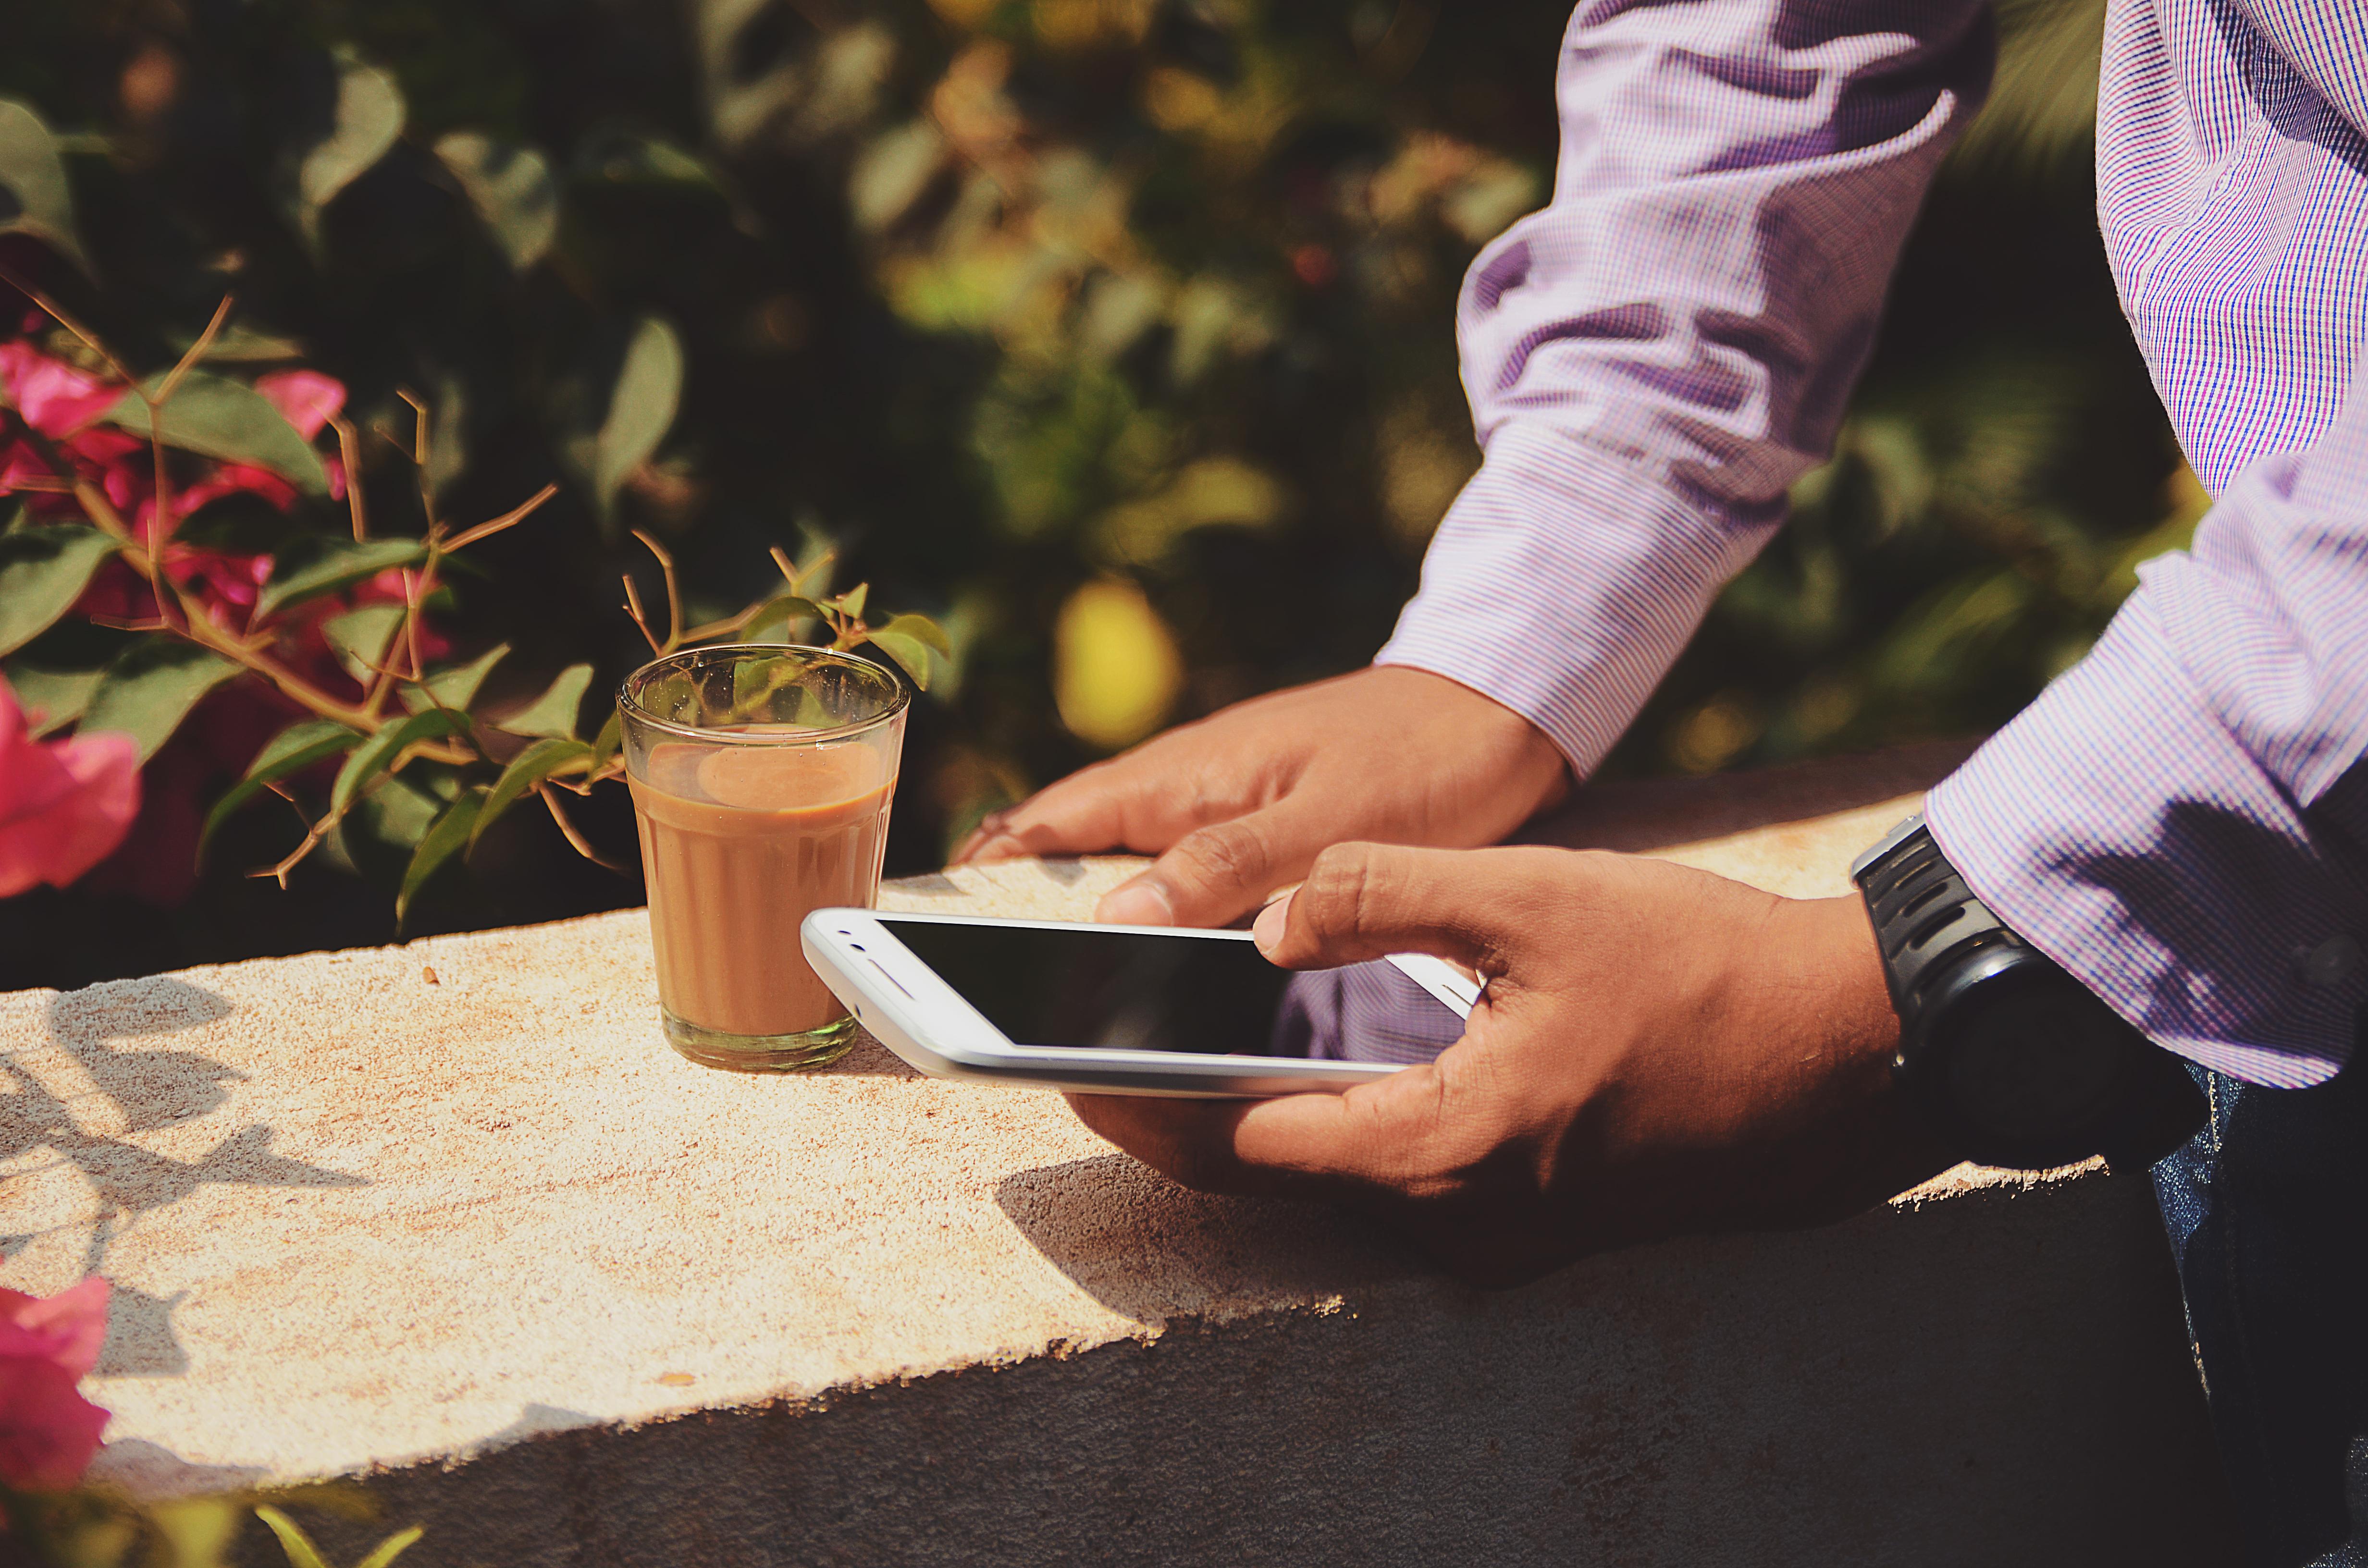 migliore indonesiano dating app